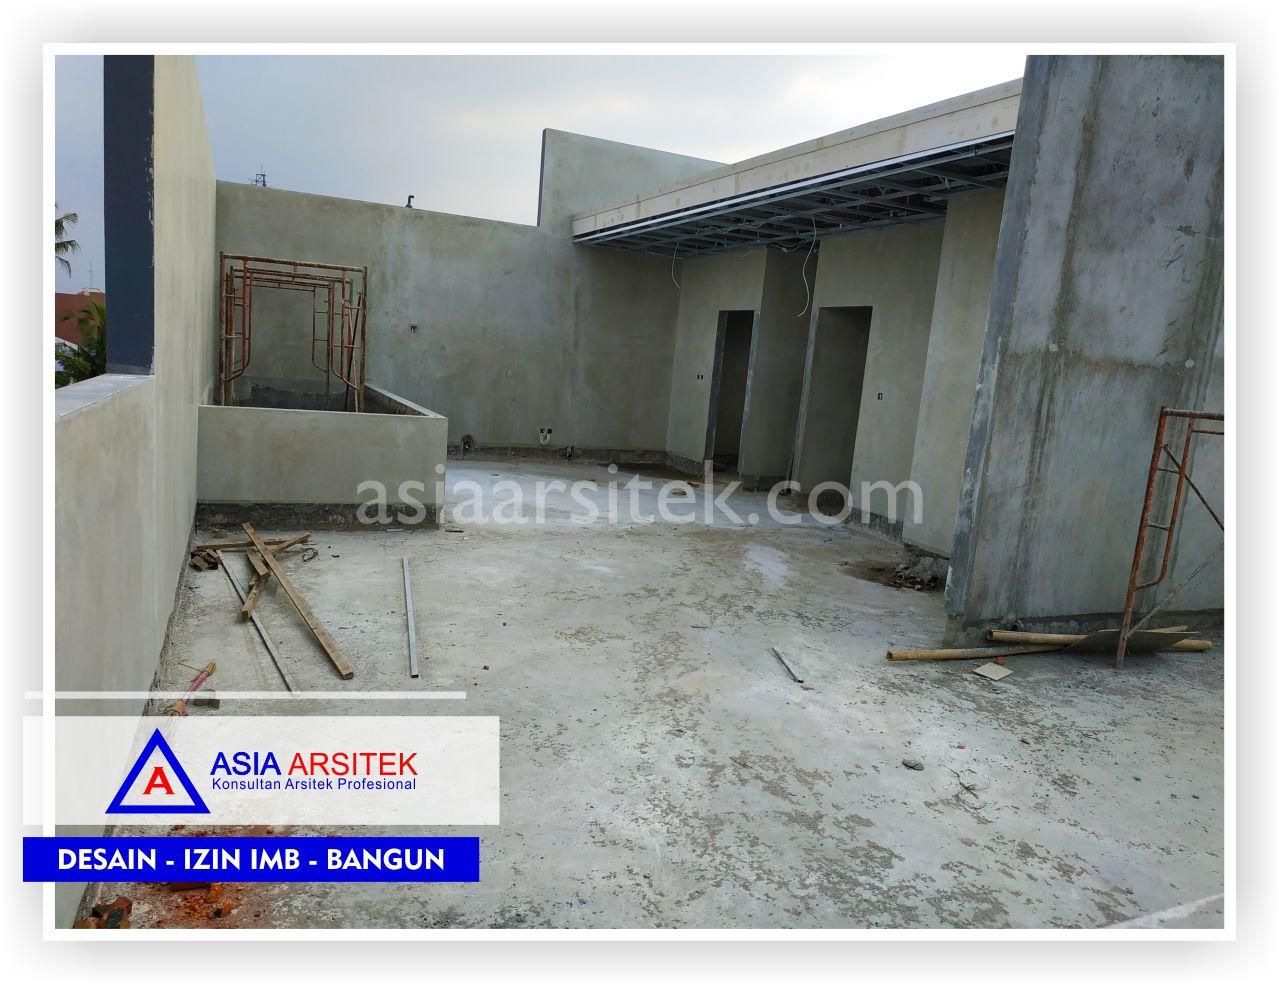 Area Servis Rumah Bpk Hendra Sun Kho - Arsitek Desain Rumah Minimalis Modern Di Tangerang-Jakarta-Bogor-Bekasi-Bandung-Jasa Konsultan Desain Arsitek Profesional (2)